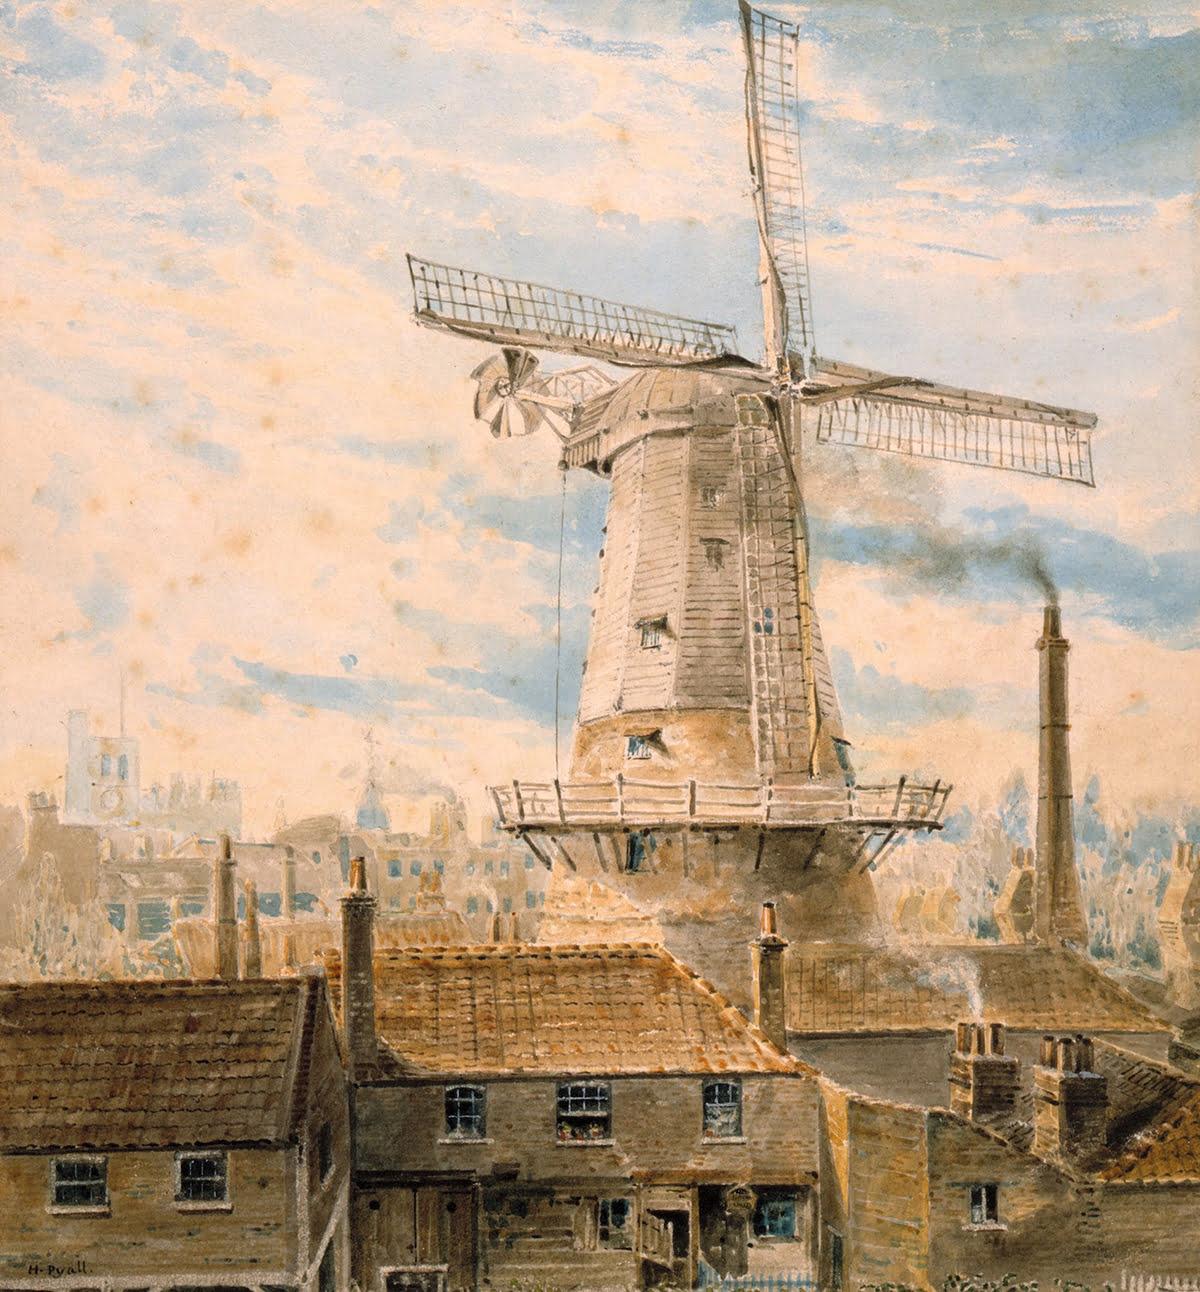 Juxon Street Mill